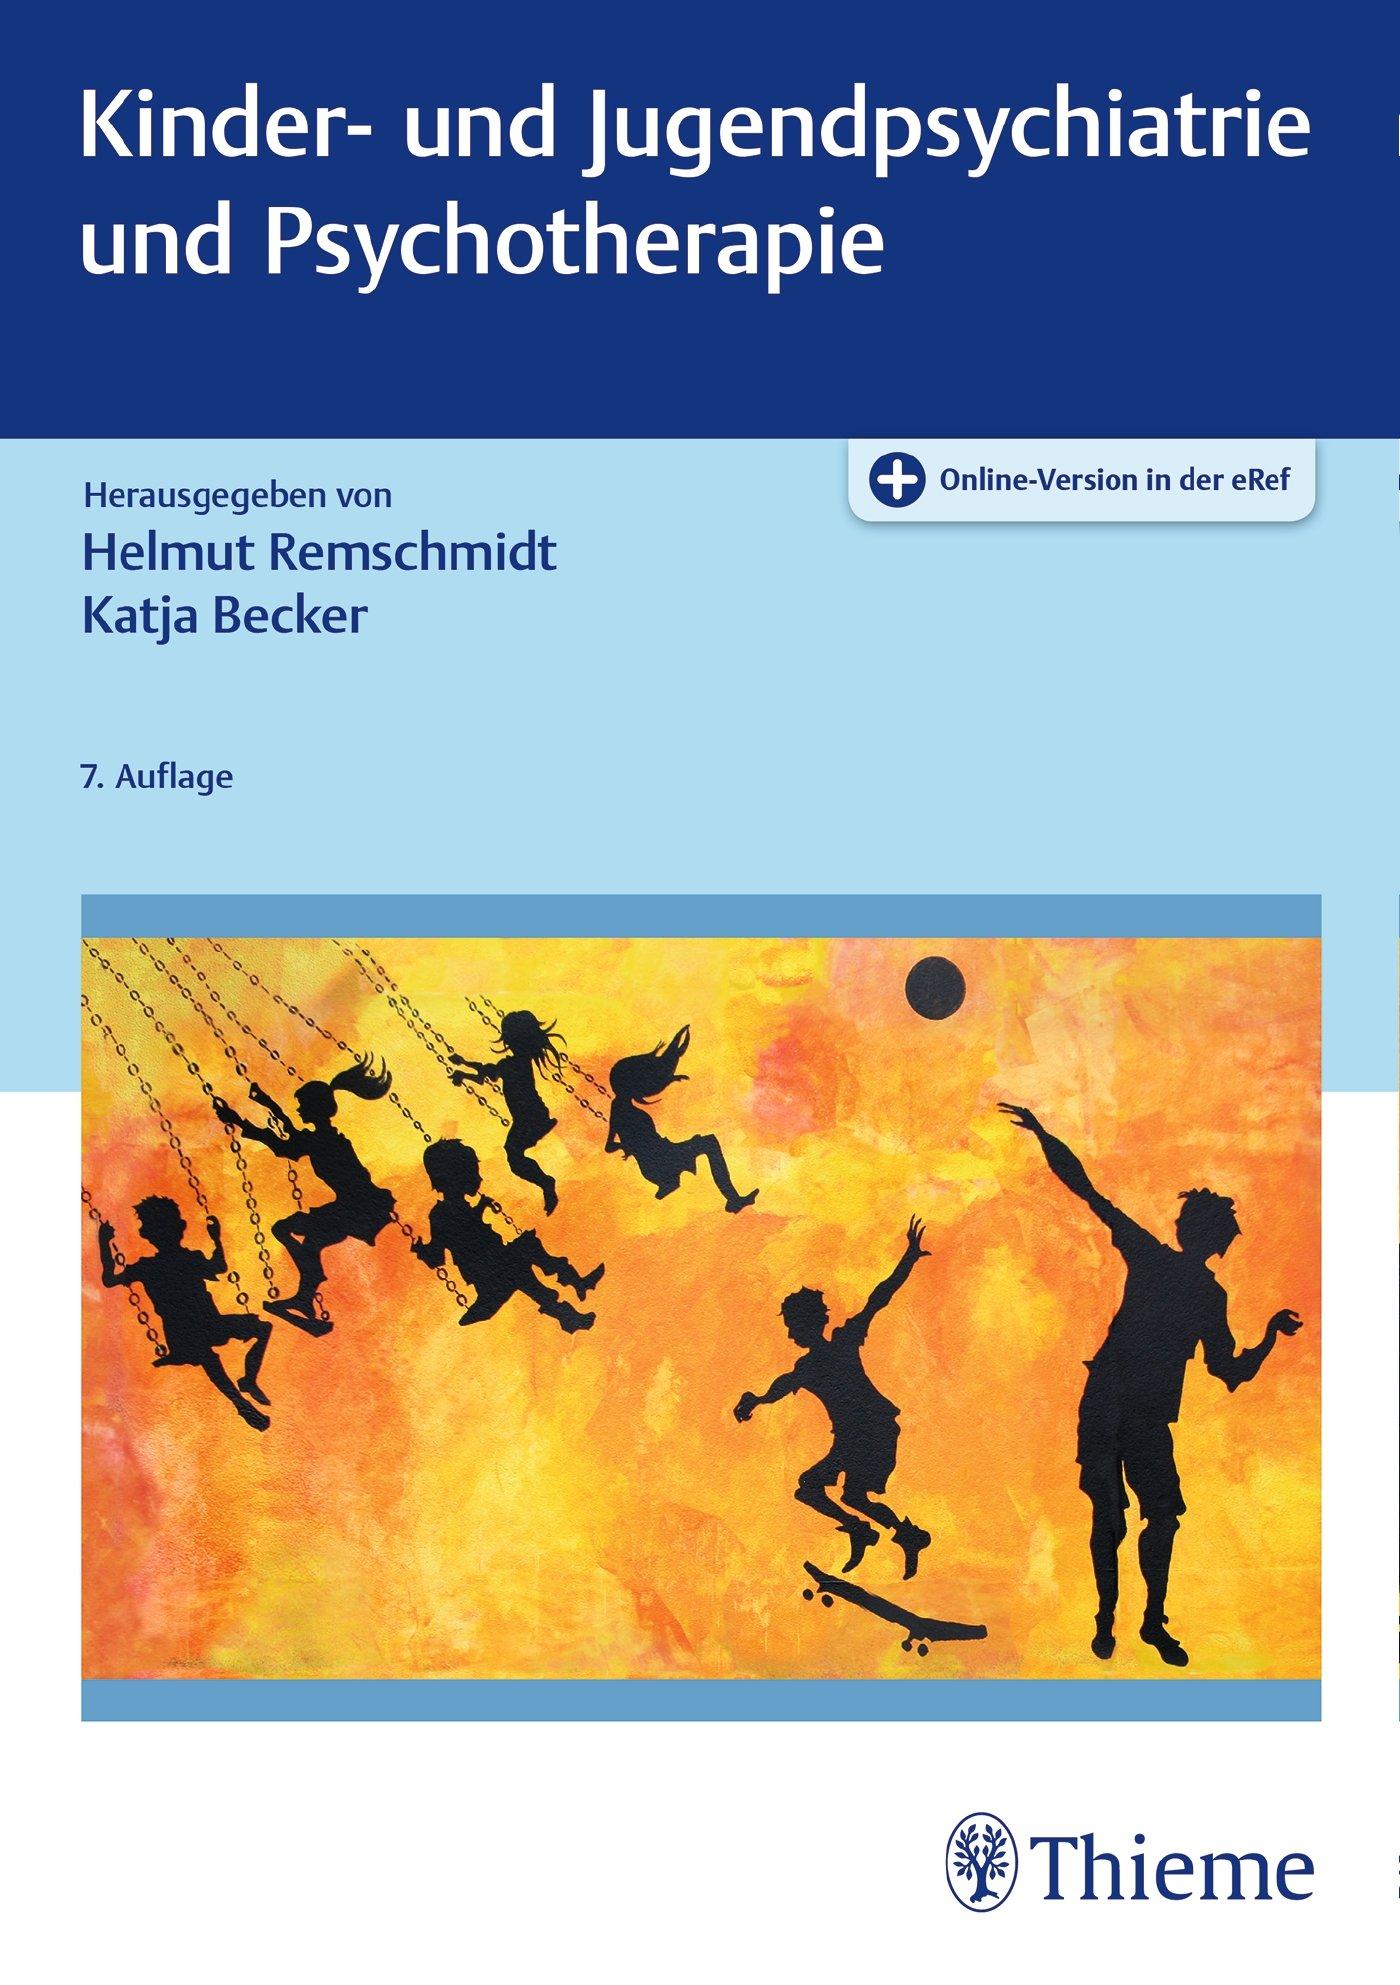 Kinder- und Jugendpsychiatrie und Psychotherapie